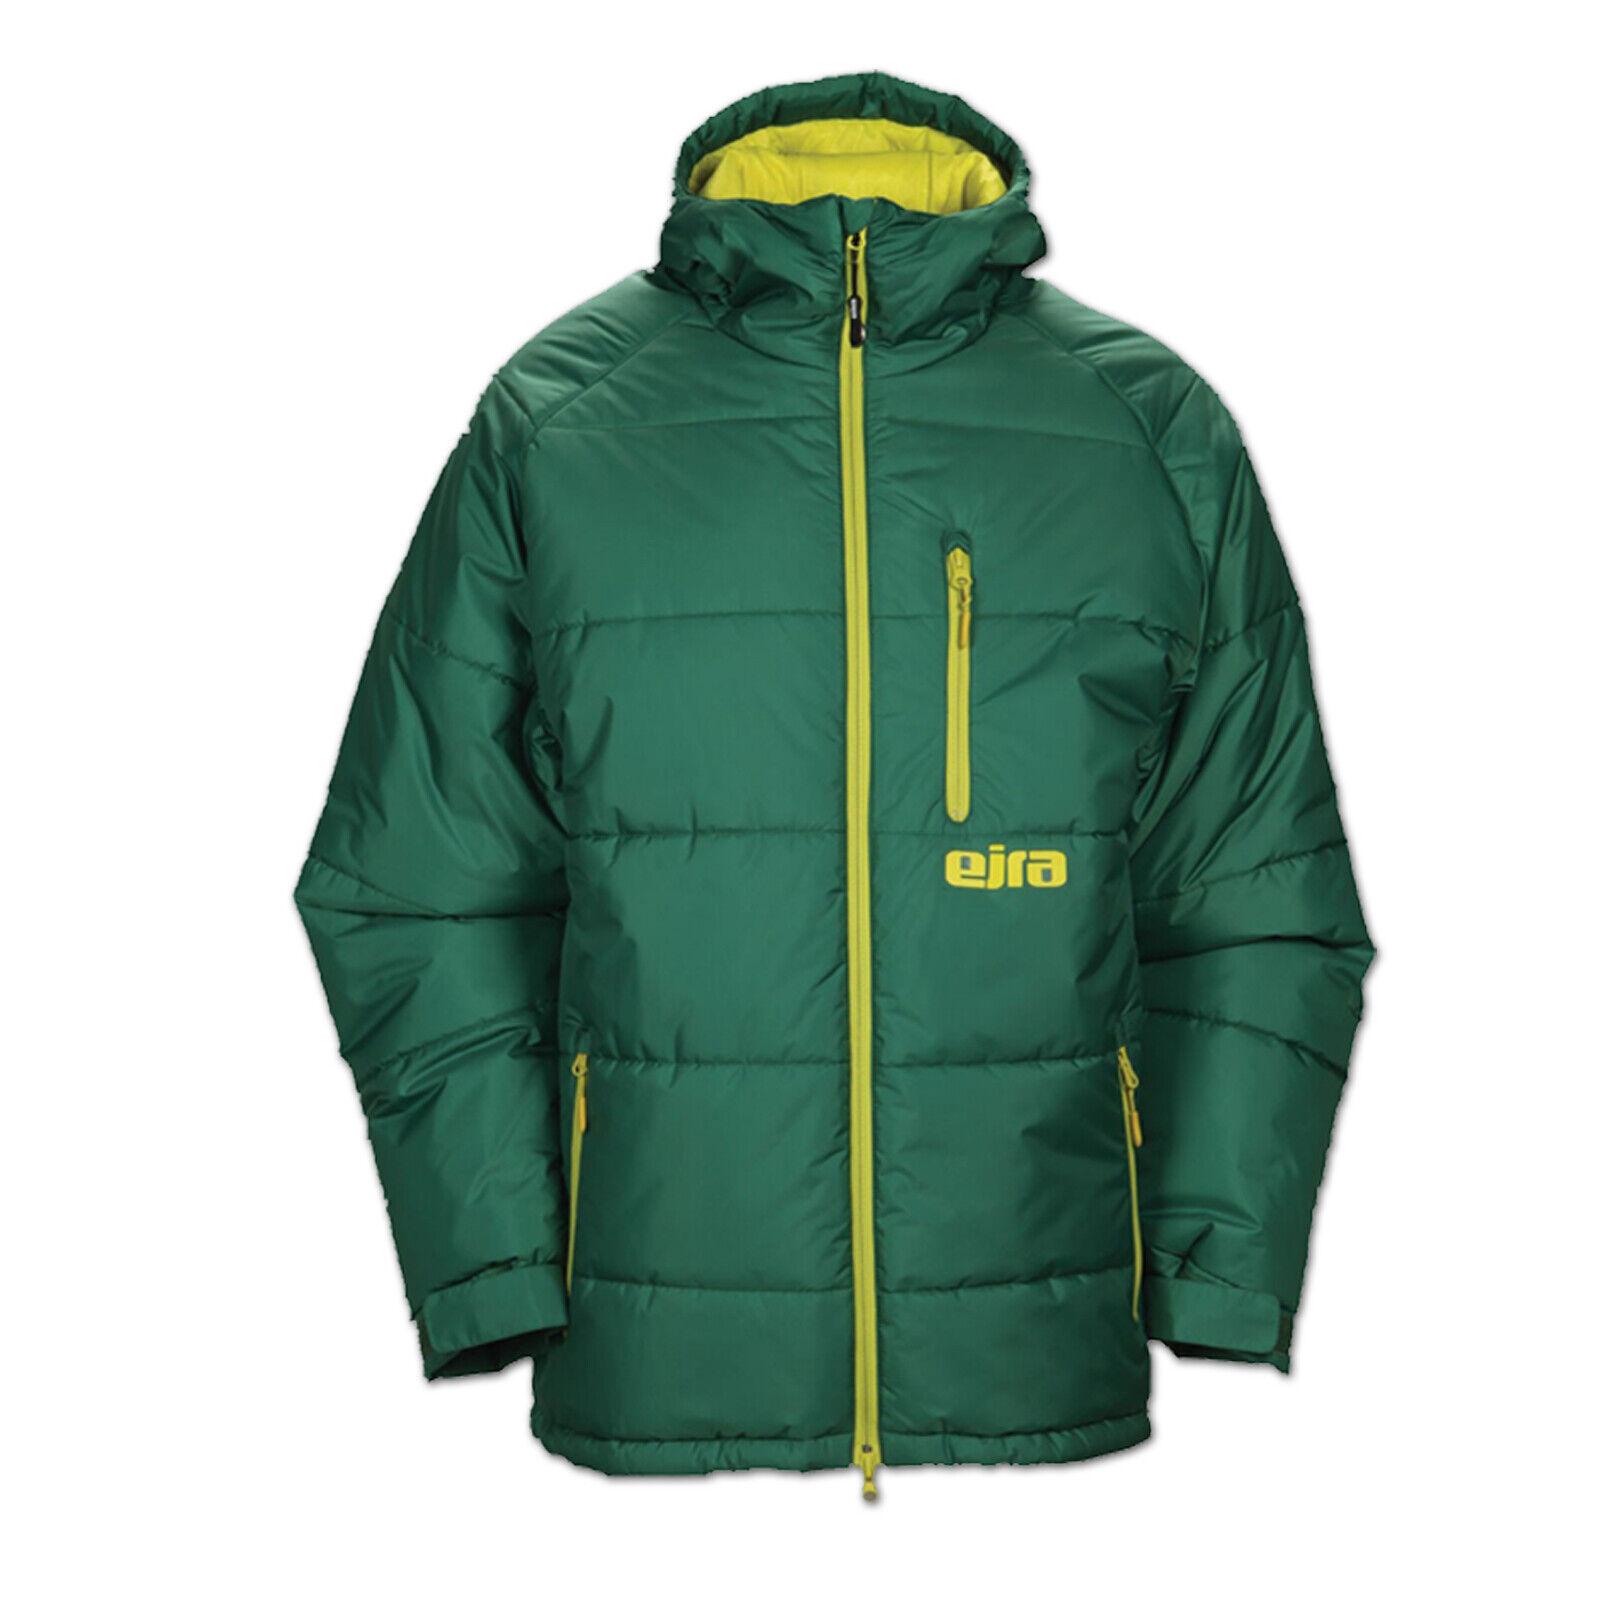 Eira Pur Pose Puffy Chaqueta Talla XL Pino verde  Hombre Esquí & de Snowboard